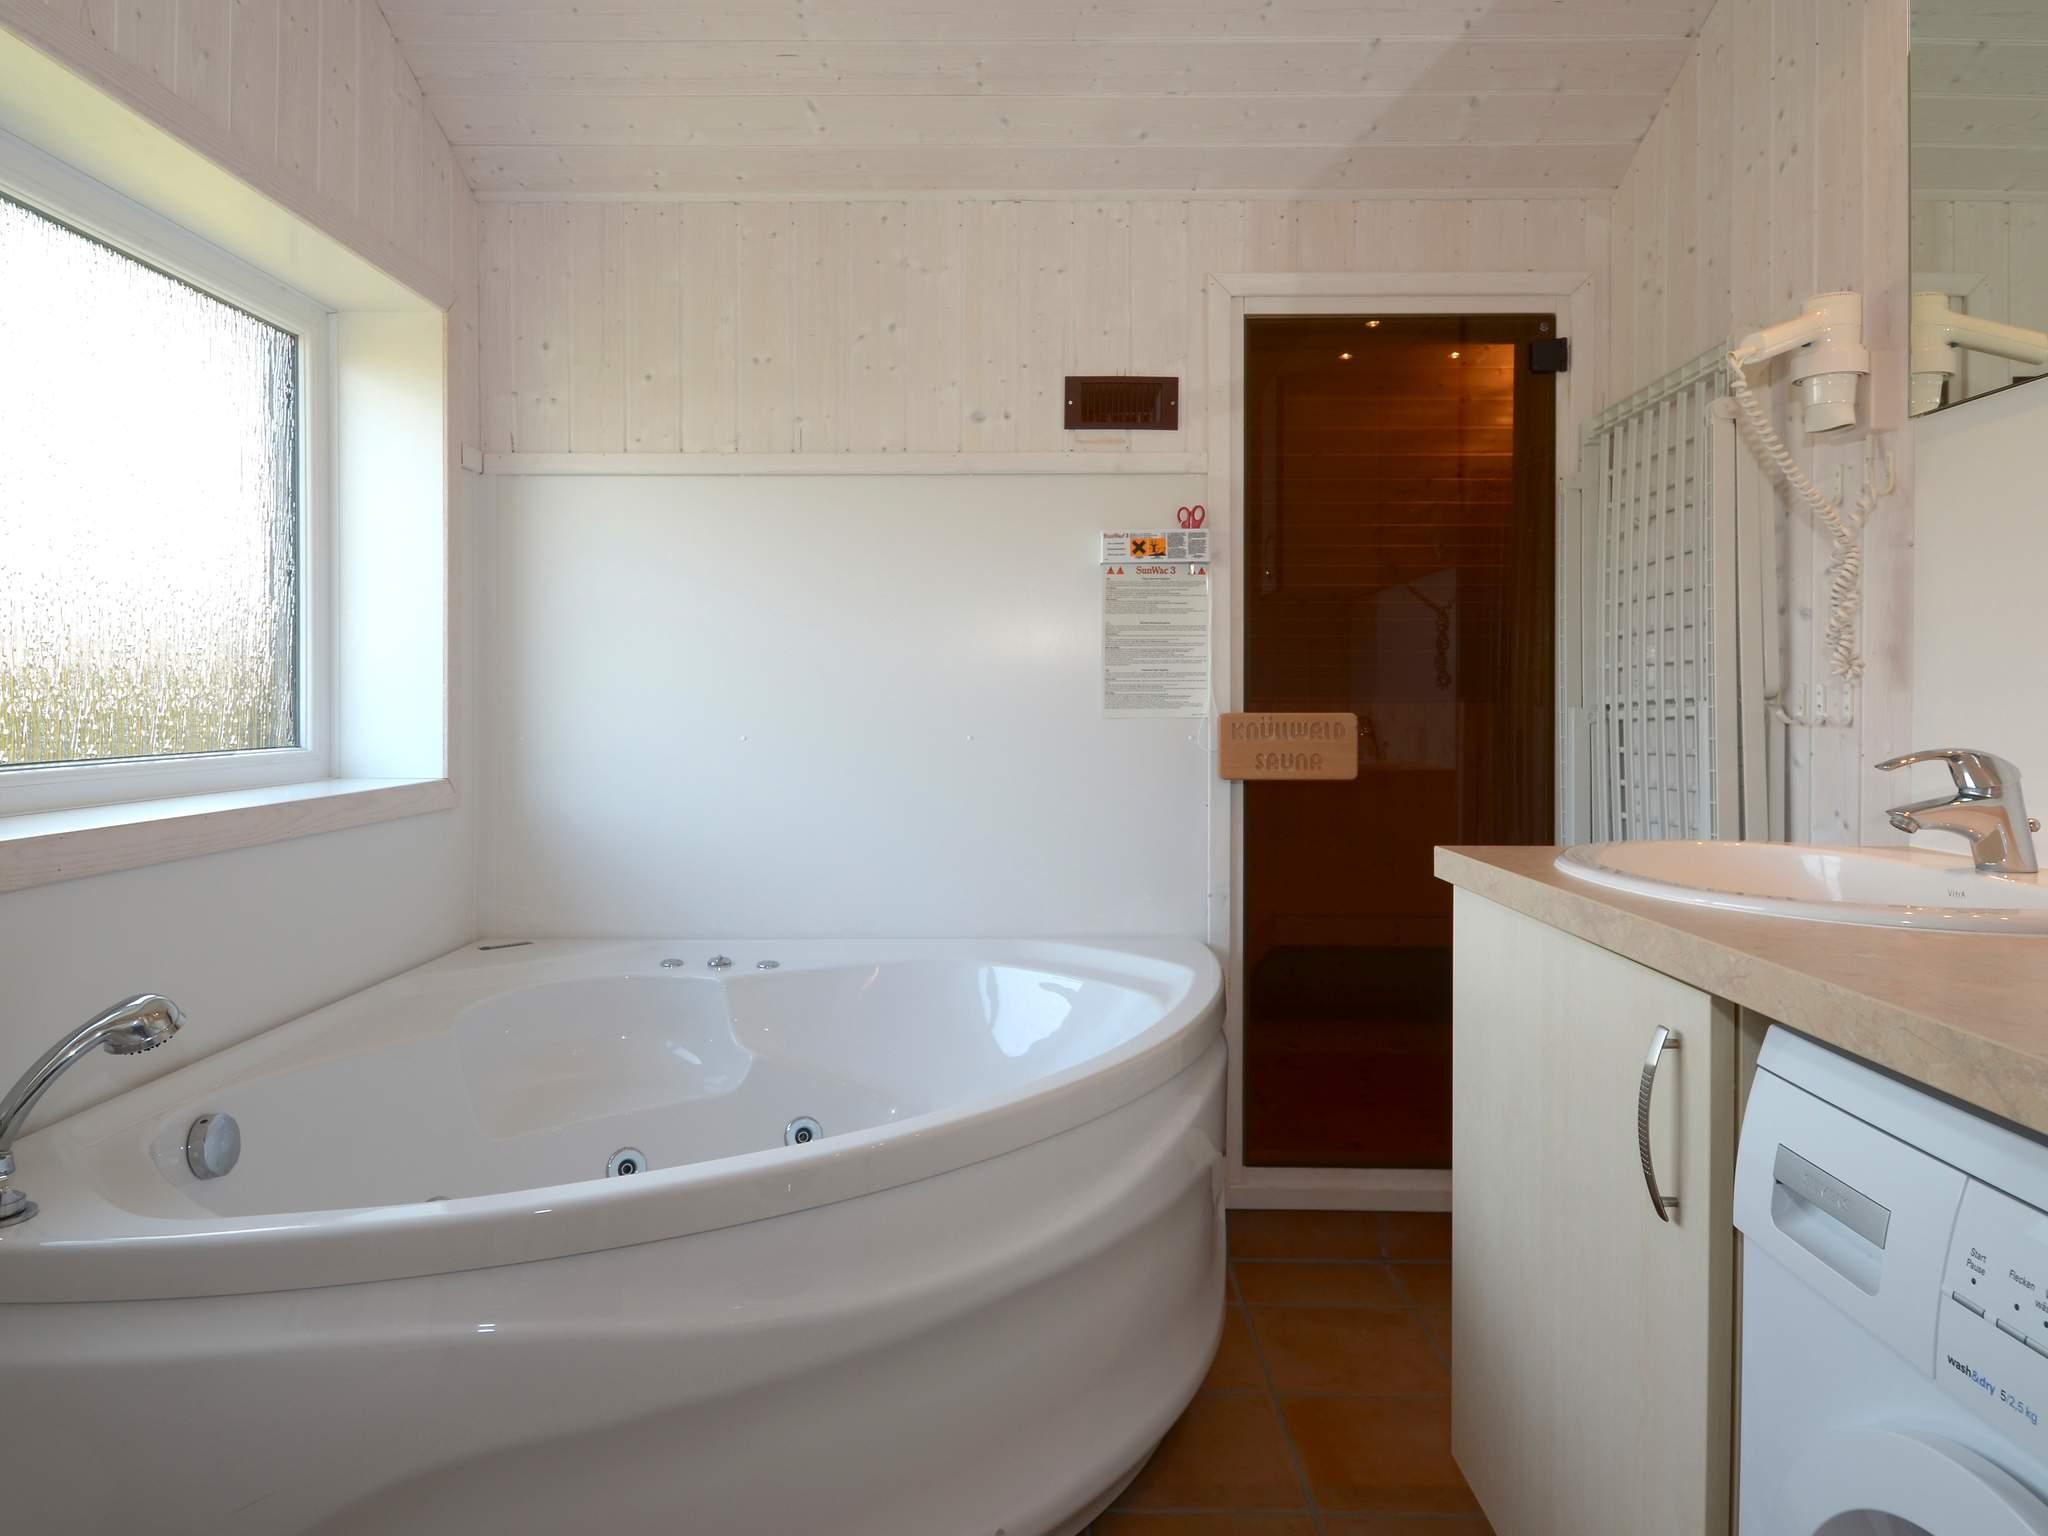 Maison de vacances Grömitz (433402), Grömitz, Baie de Lübeck, Schleswig-Holstein, Allemagne, image 16